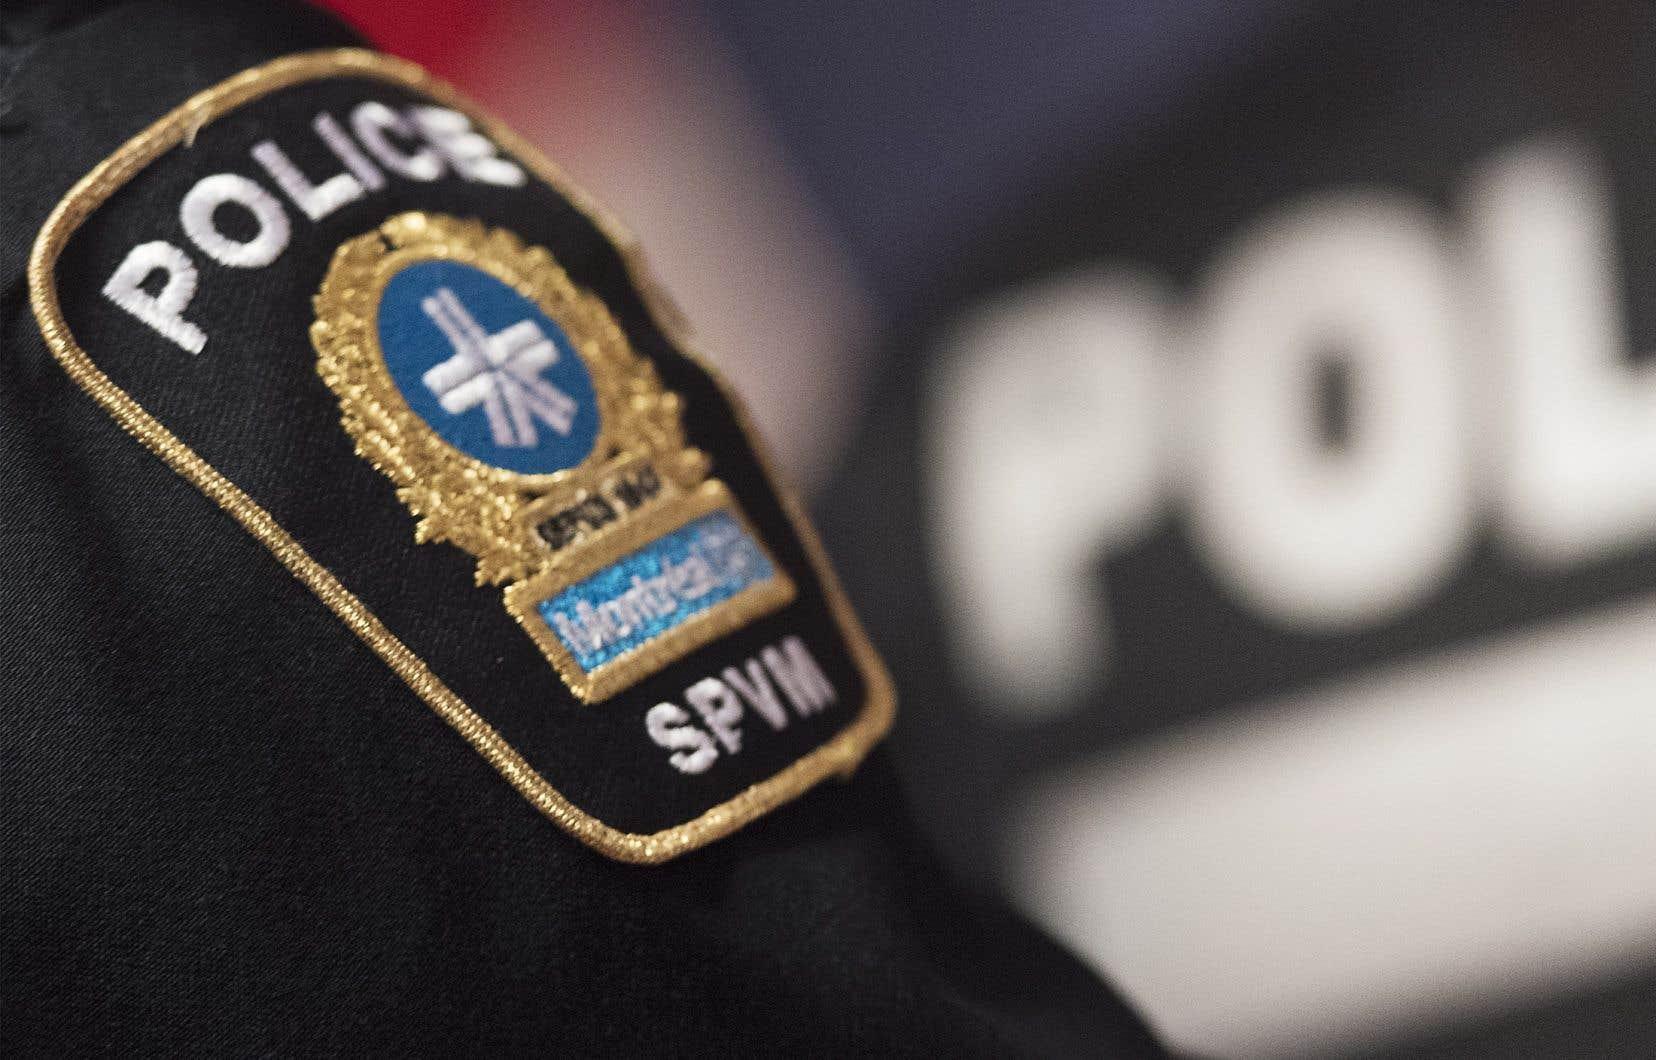 S'il fallait que le SPVM déploie davantage d'effectifs sur le terrain pour contrôler la population, il devrait probablement recourir à des policiers attitrés à des tâches administratives et à des enquêteurs.